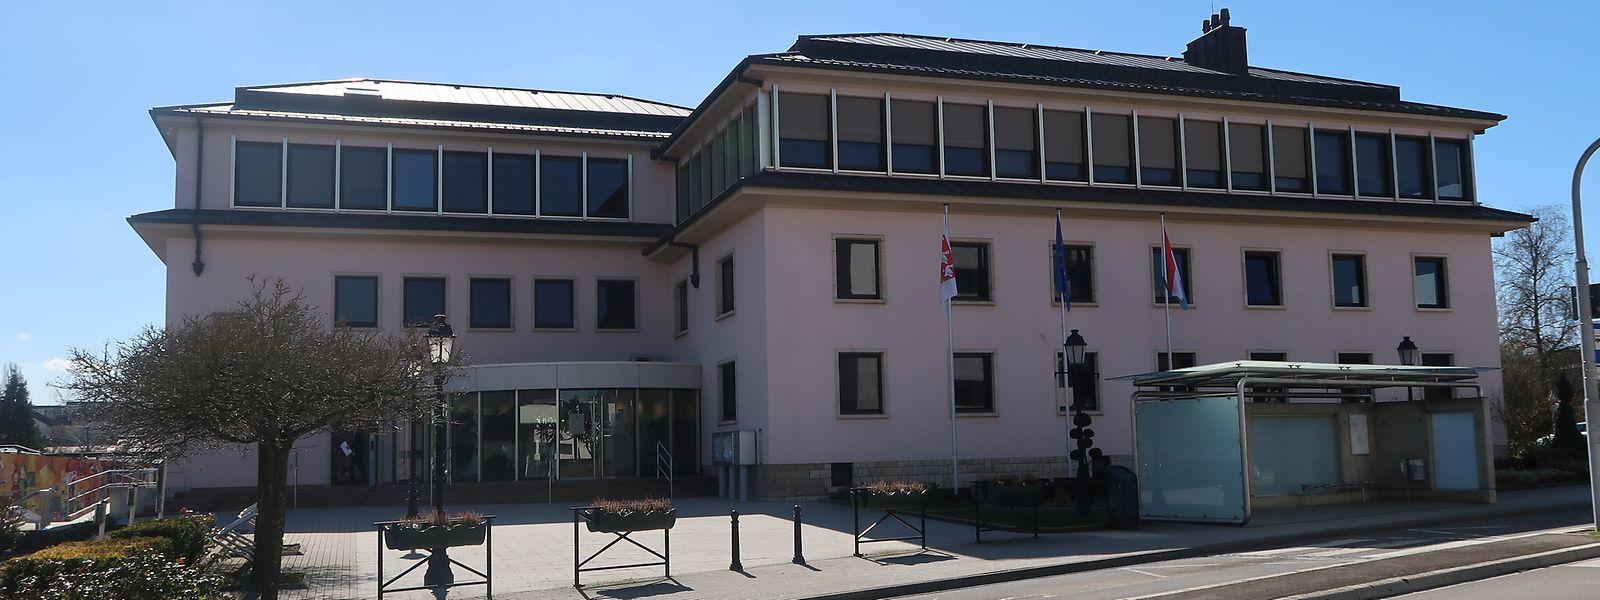 Am Dienstag wurde im Leudelinger Rathaus grünes Licht für das Abhalten eines Referendums gegeben.